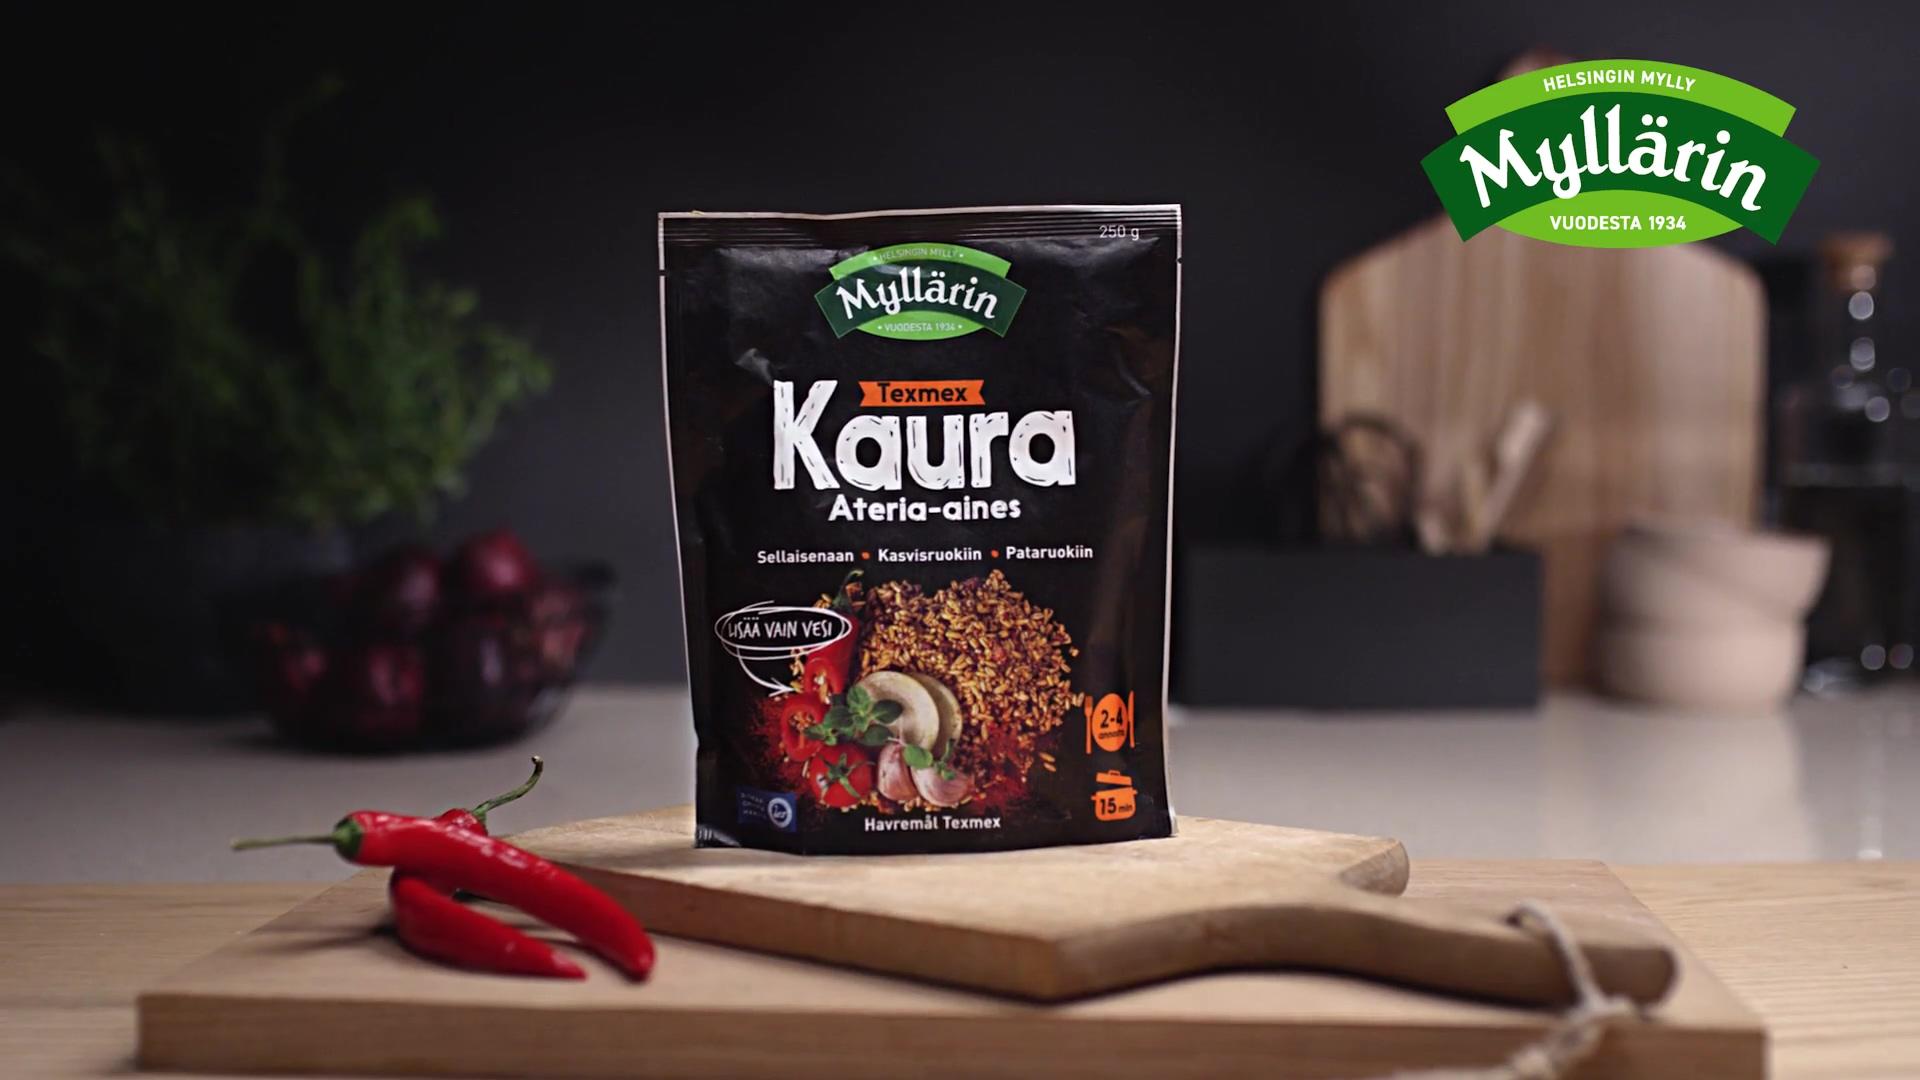 Myllärin Kaura ateria-aines